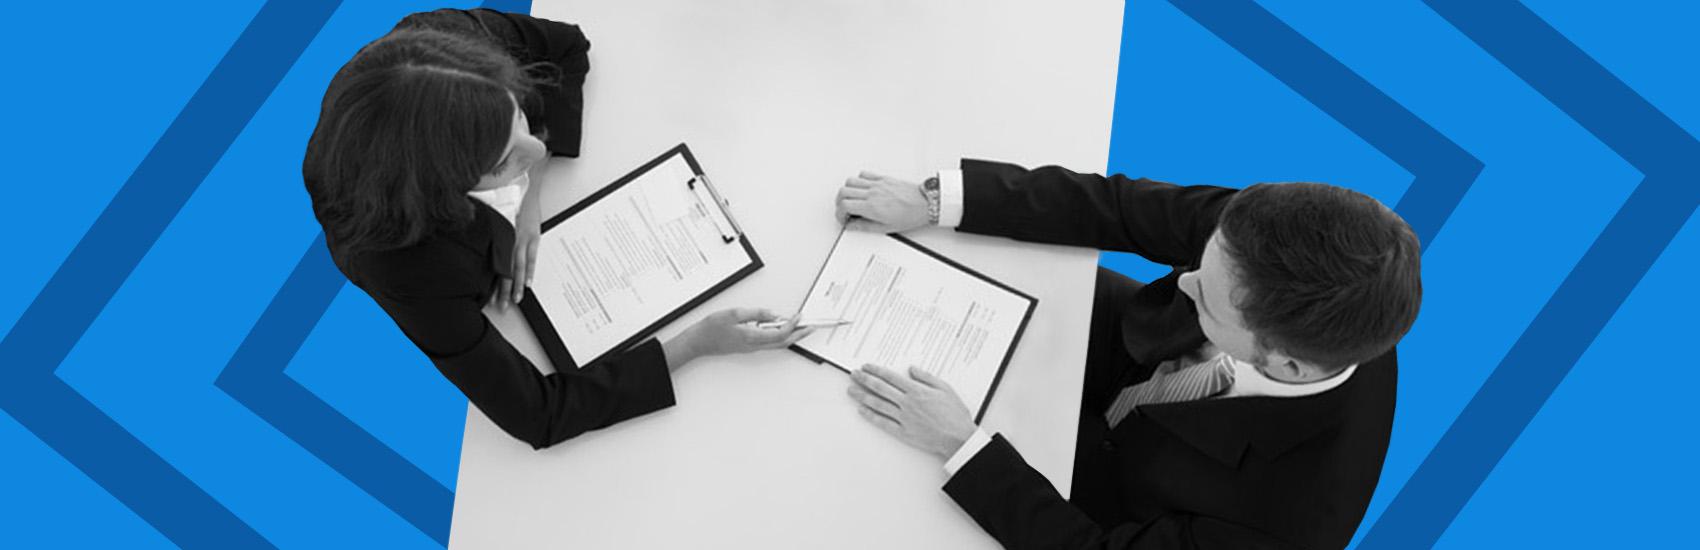 Почему ваш HR долго не может закрыть вакансию: разбираем типичные ошибки